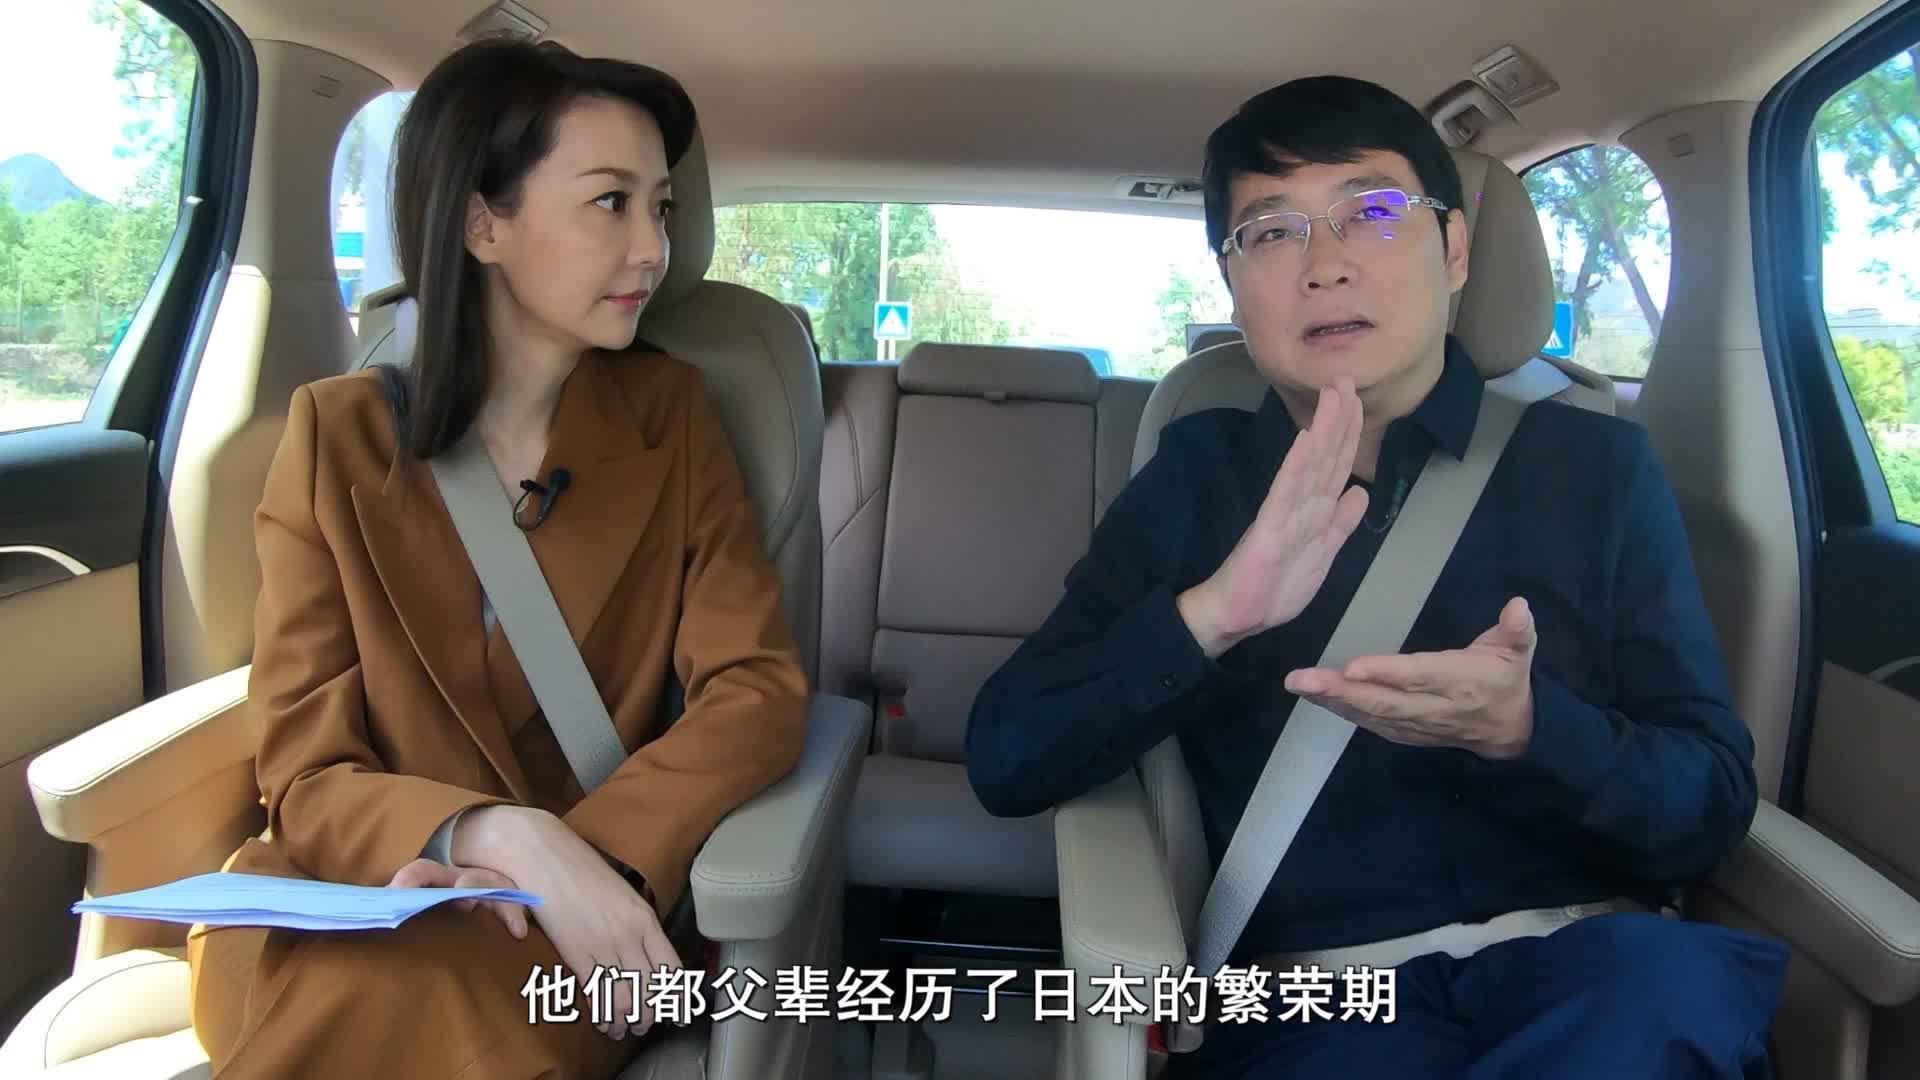 管清友:中国处于中欲望社会 应加强改革释放经济潜力